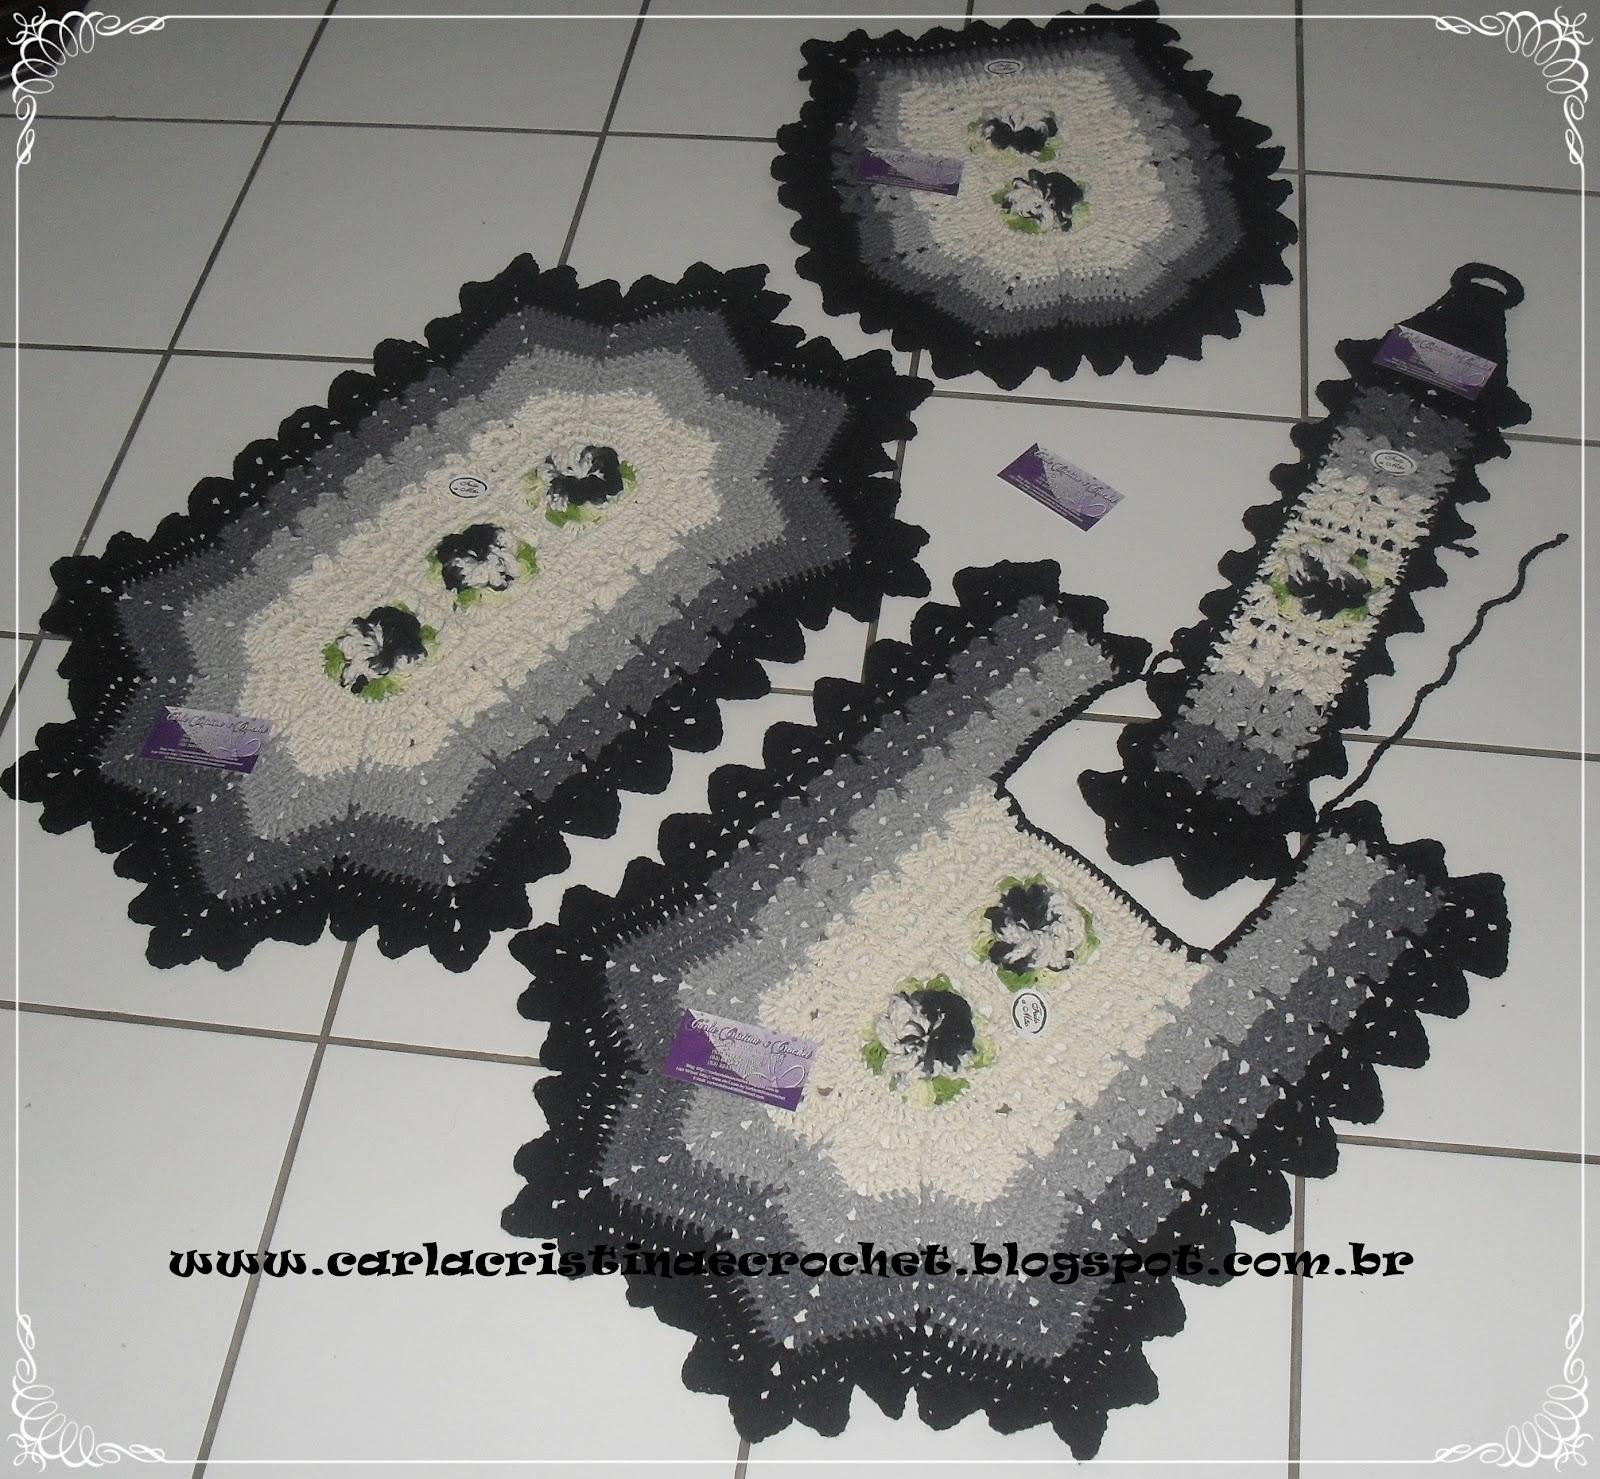 Carla Cristina & Crochet: Jogo de Banheiro em Degradê Cinza e Preto #5B4963 1600x1479 Banheiro Cinza E Preto